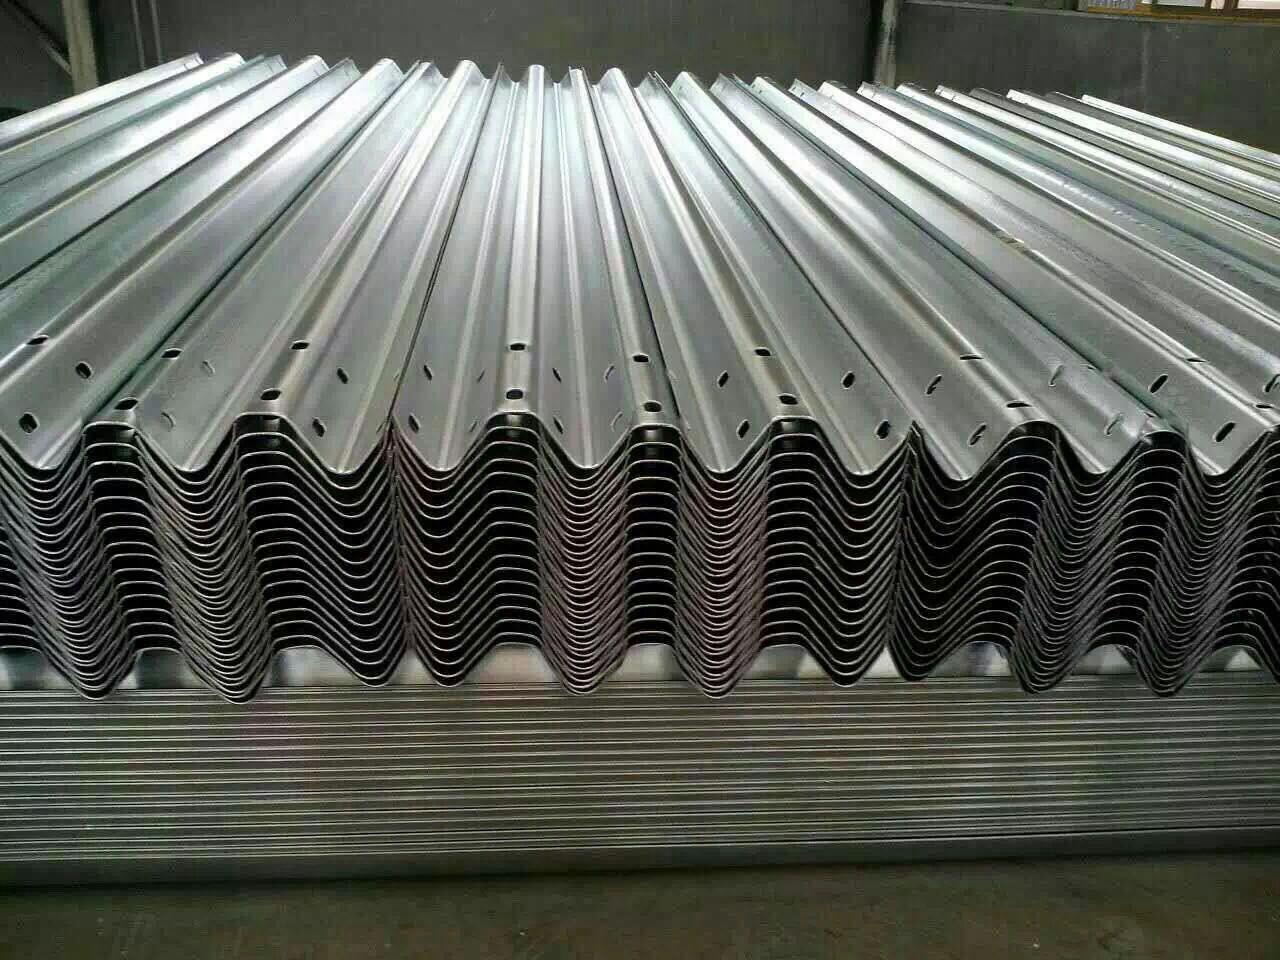 供应高速公路交通防撞波形梁护栏板市政热镀锌喷塑安防隔离钢护栏 山东波形梁护栏板